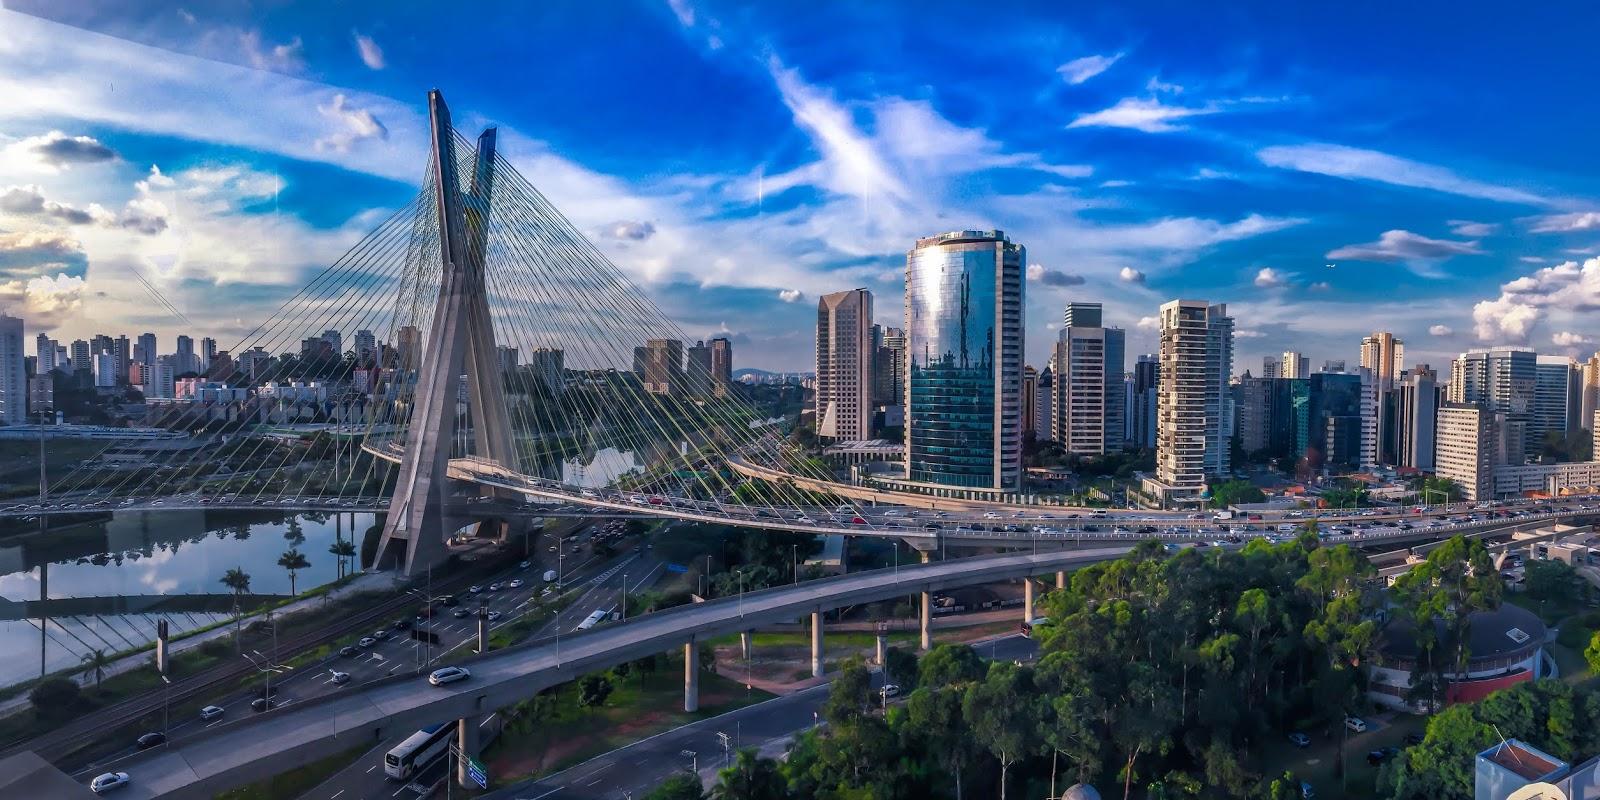 Aniversário de São Paulo: 5 bairros que você precisa conhecer